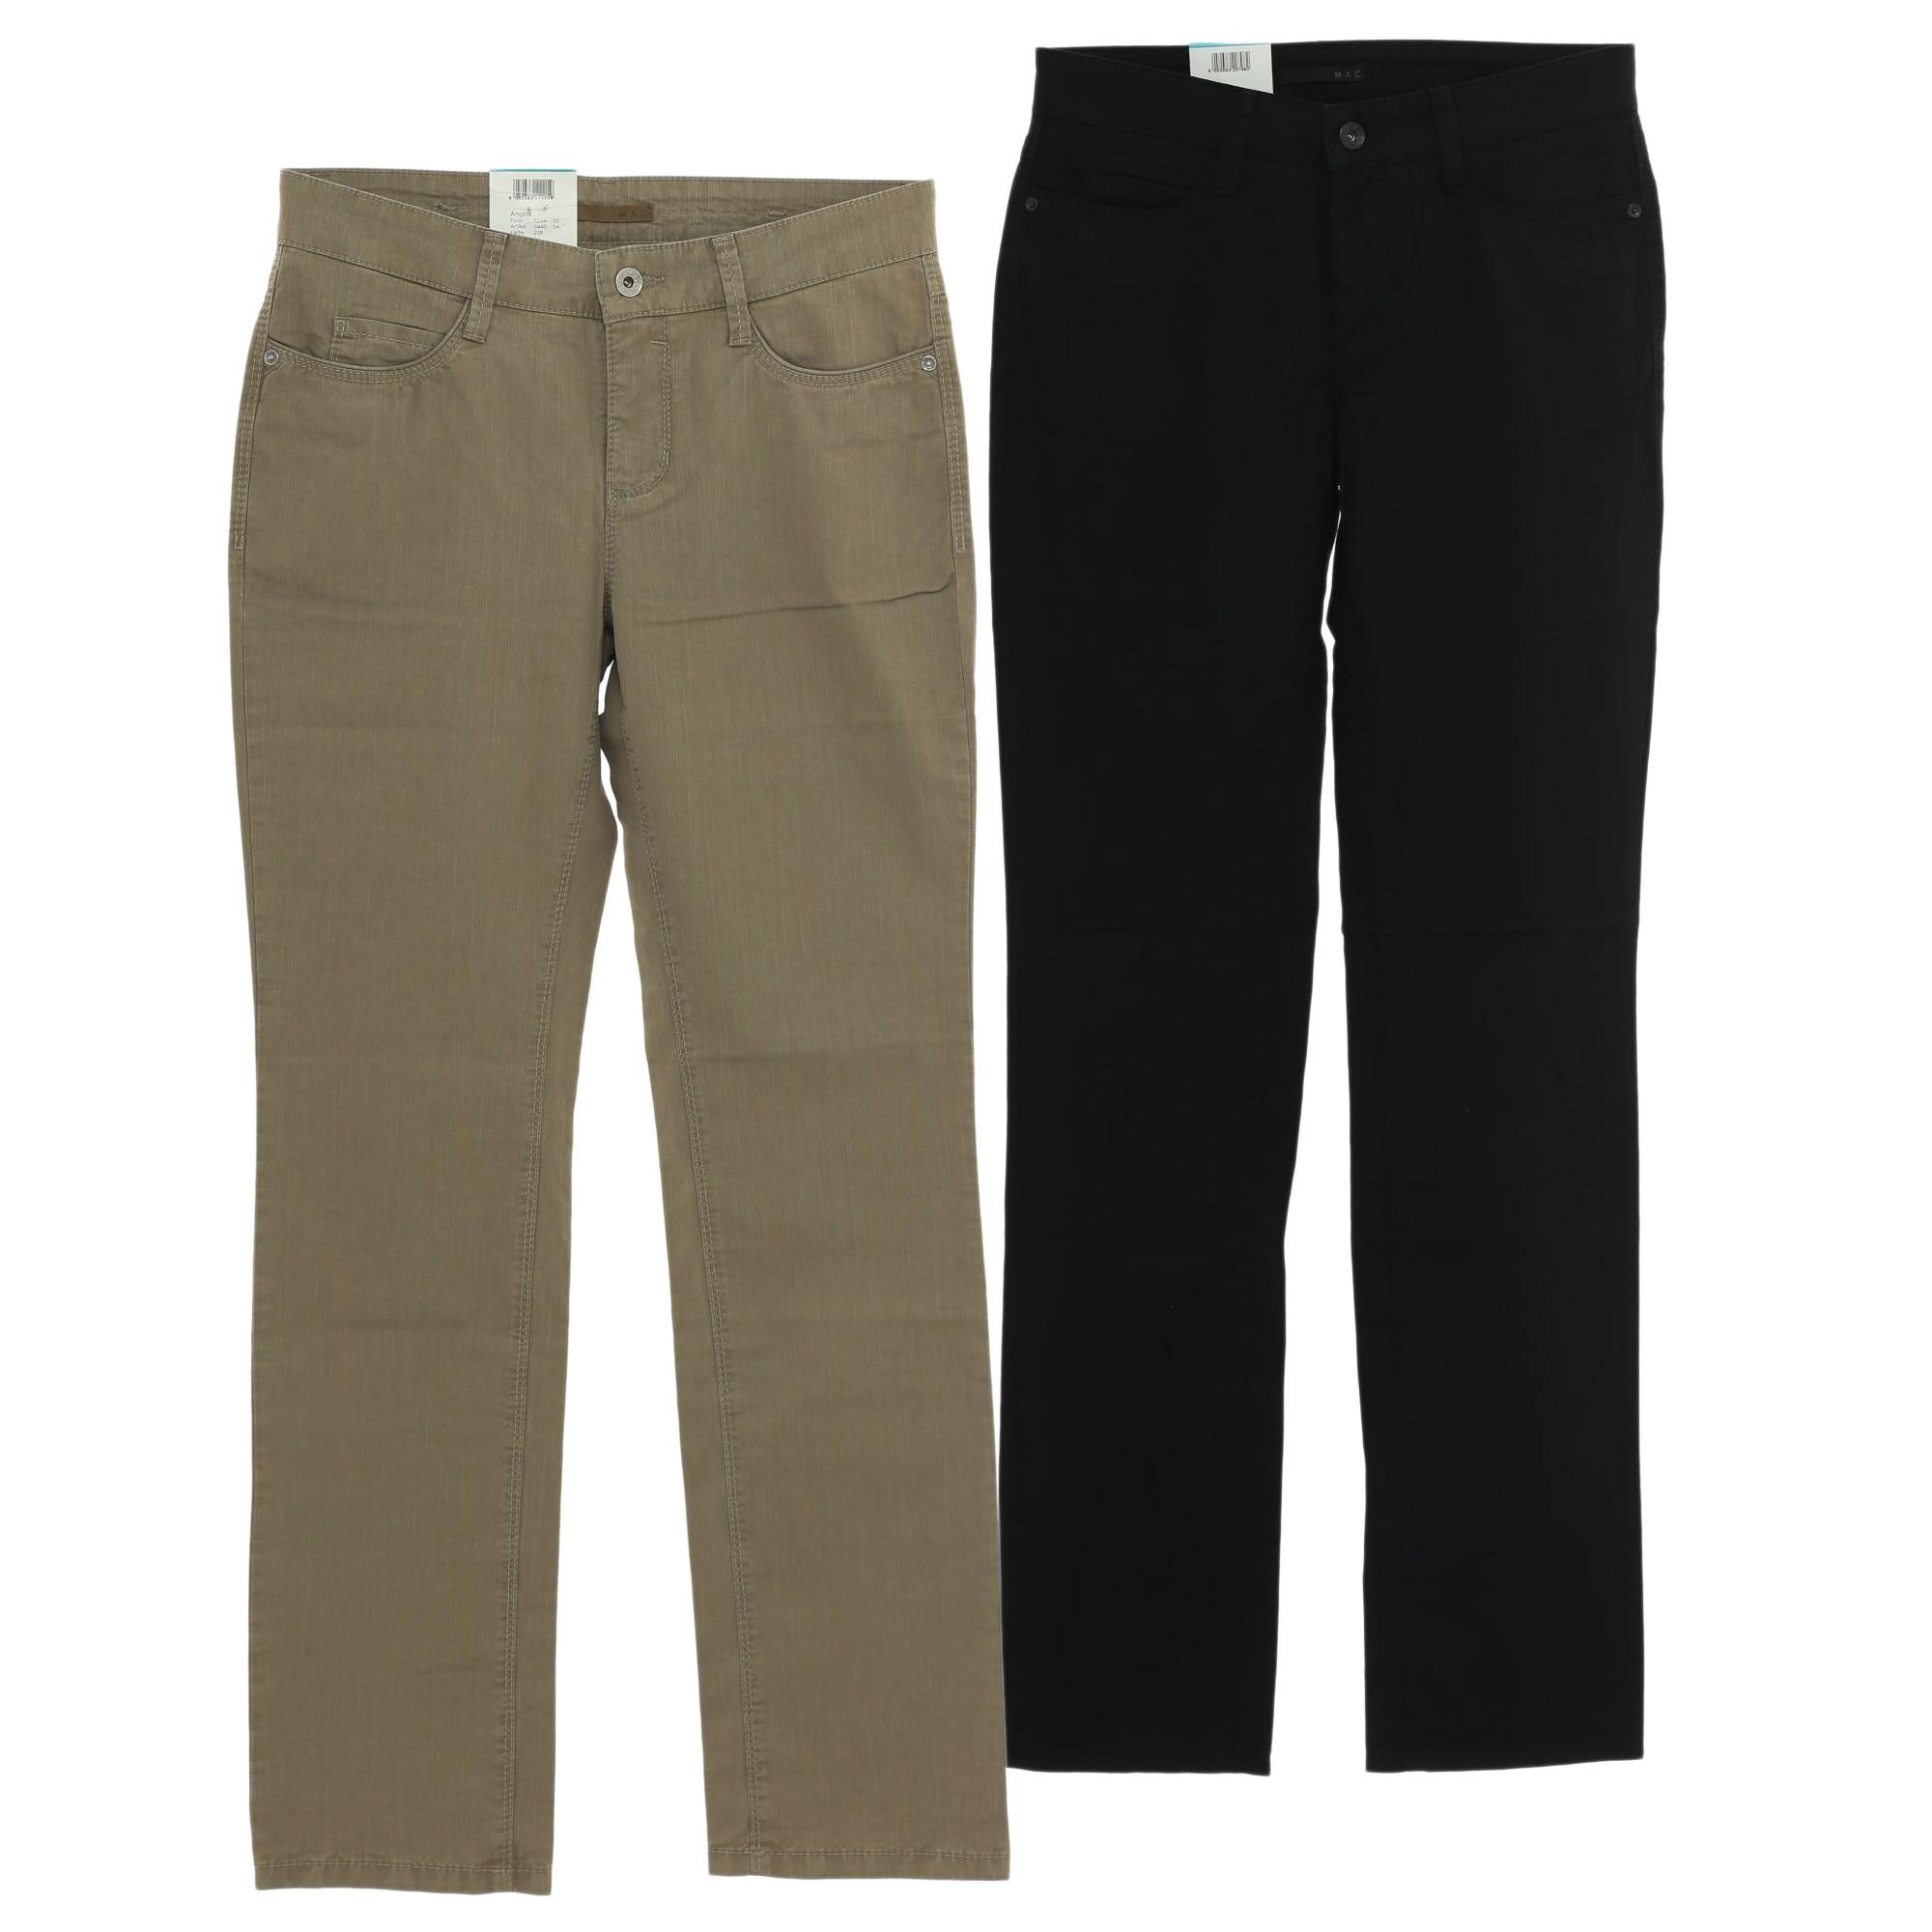 mac jeans angela lifetime damen stretch gabardine. Black Bedroom Furniture Sets. Home Design Ideas